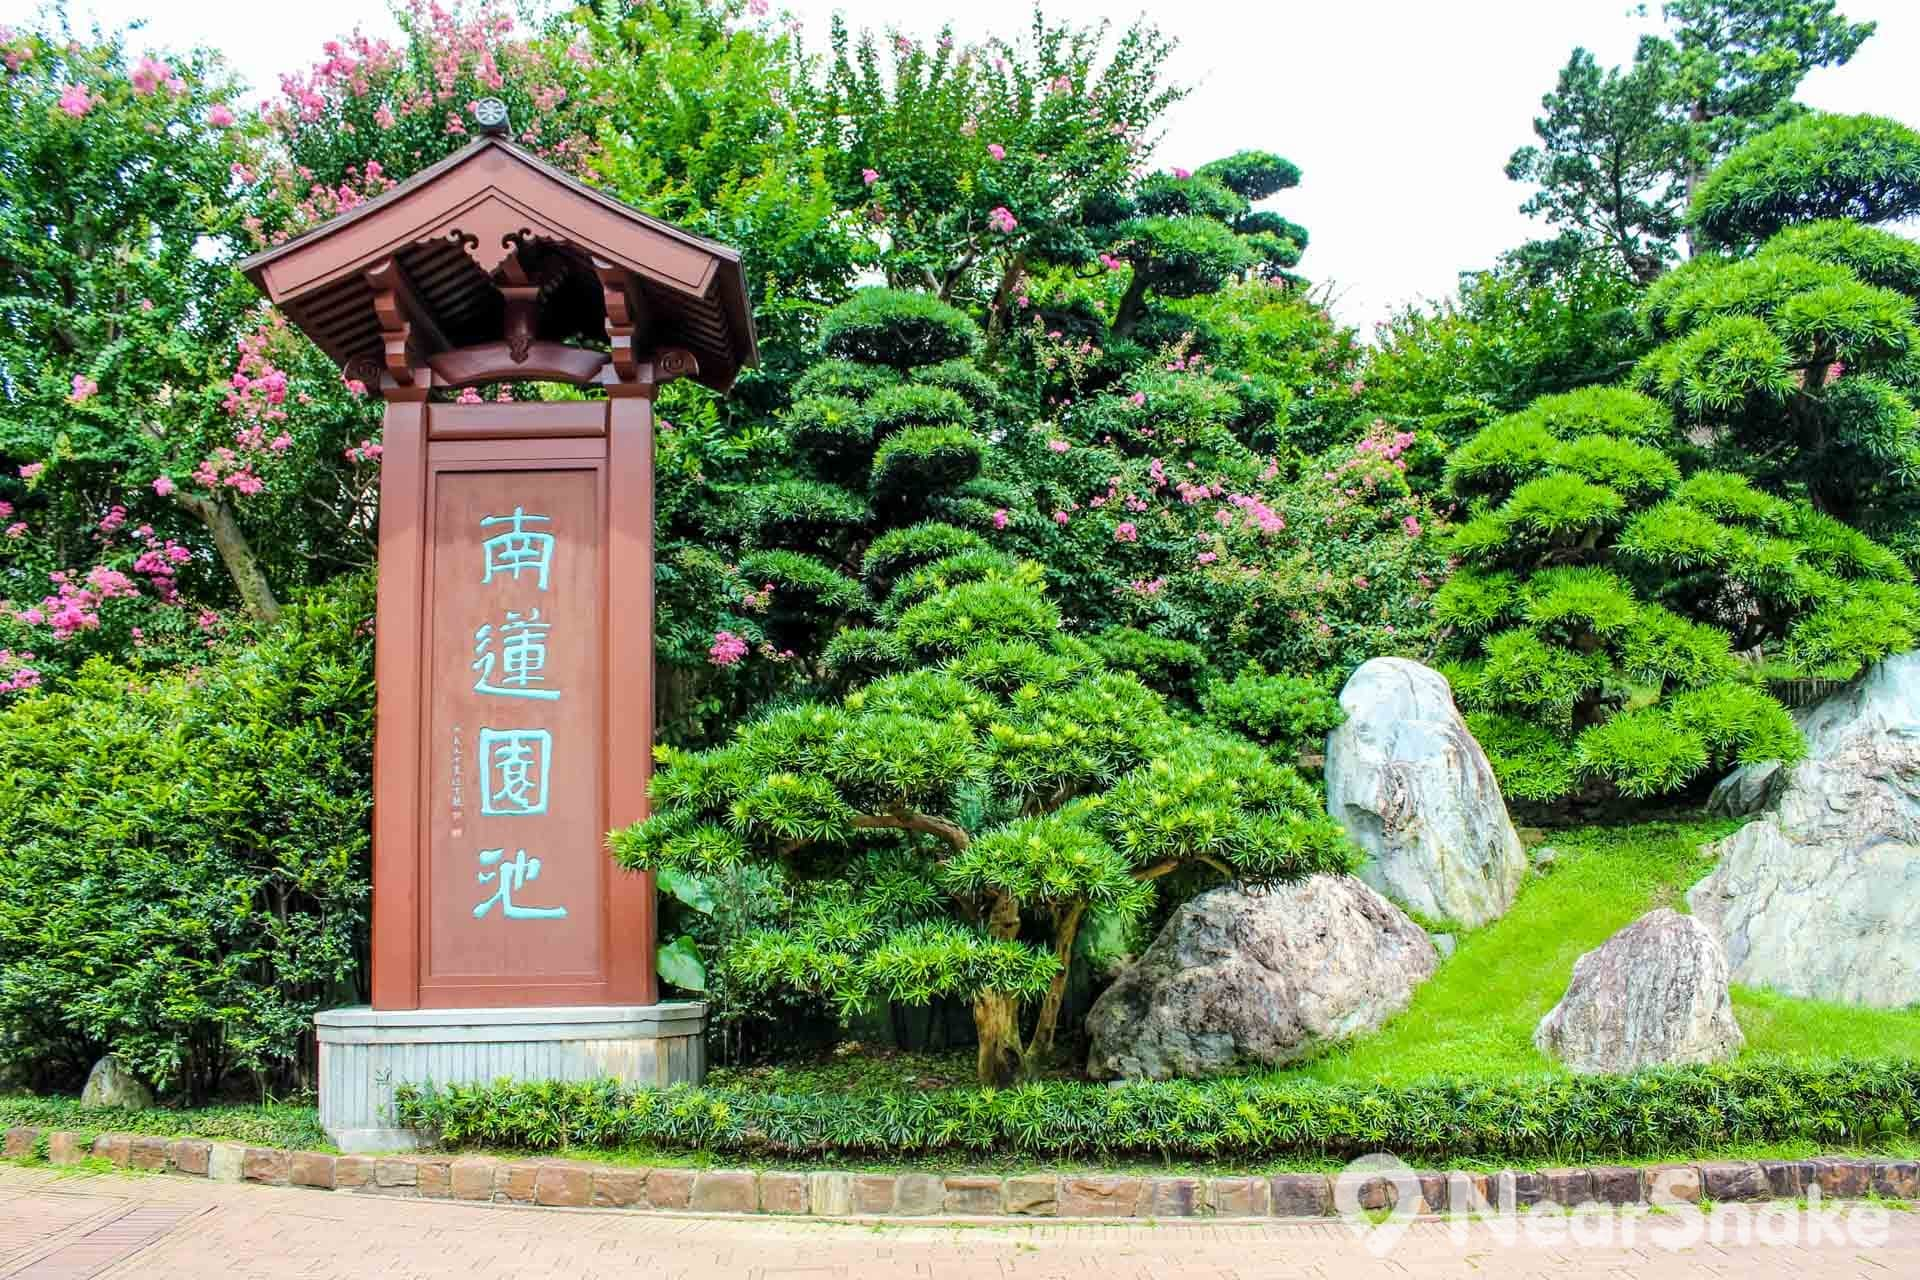 南蓮園池其實是康樂及文化事務署轄下的公園。